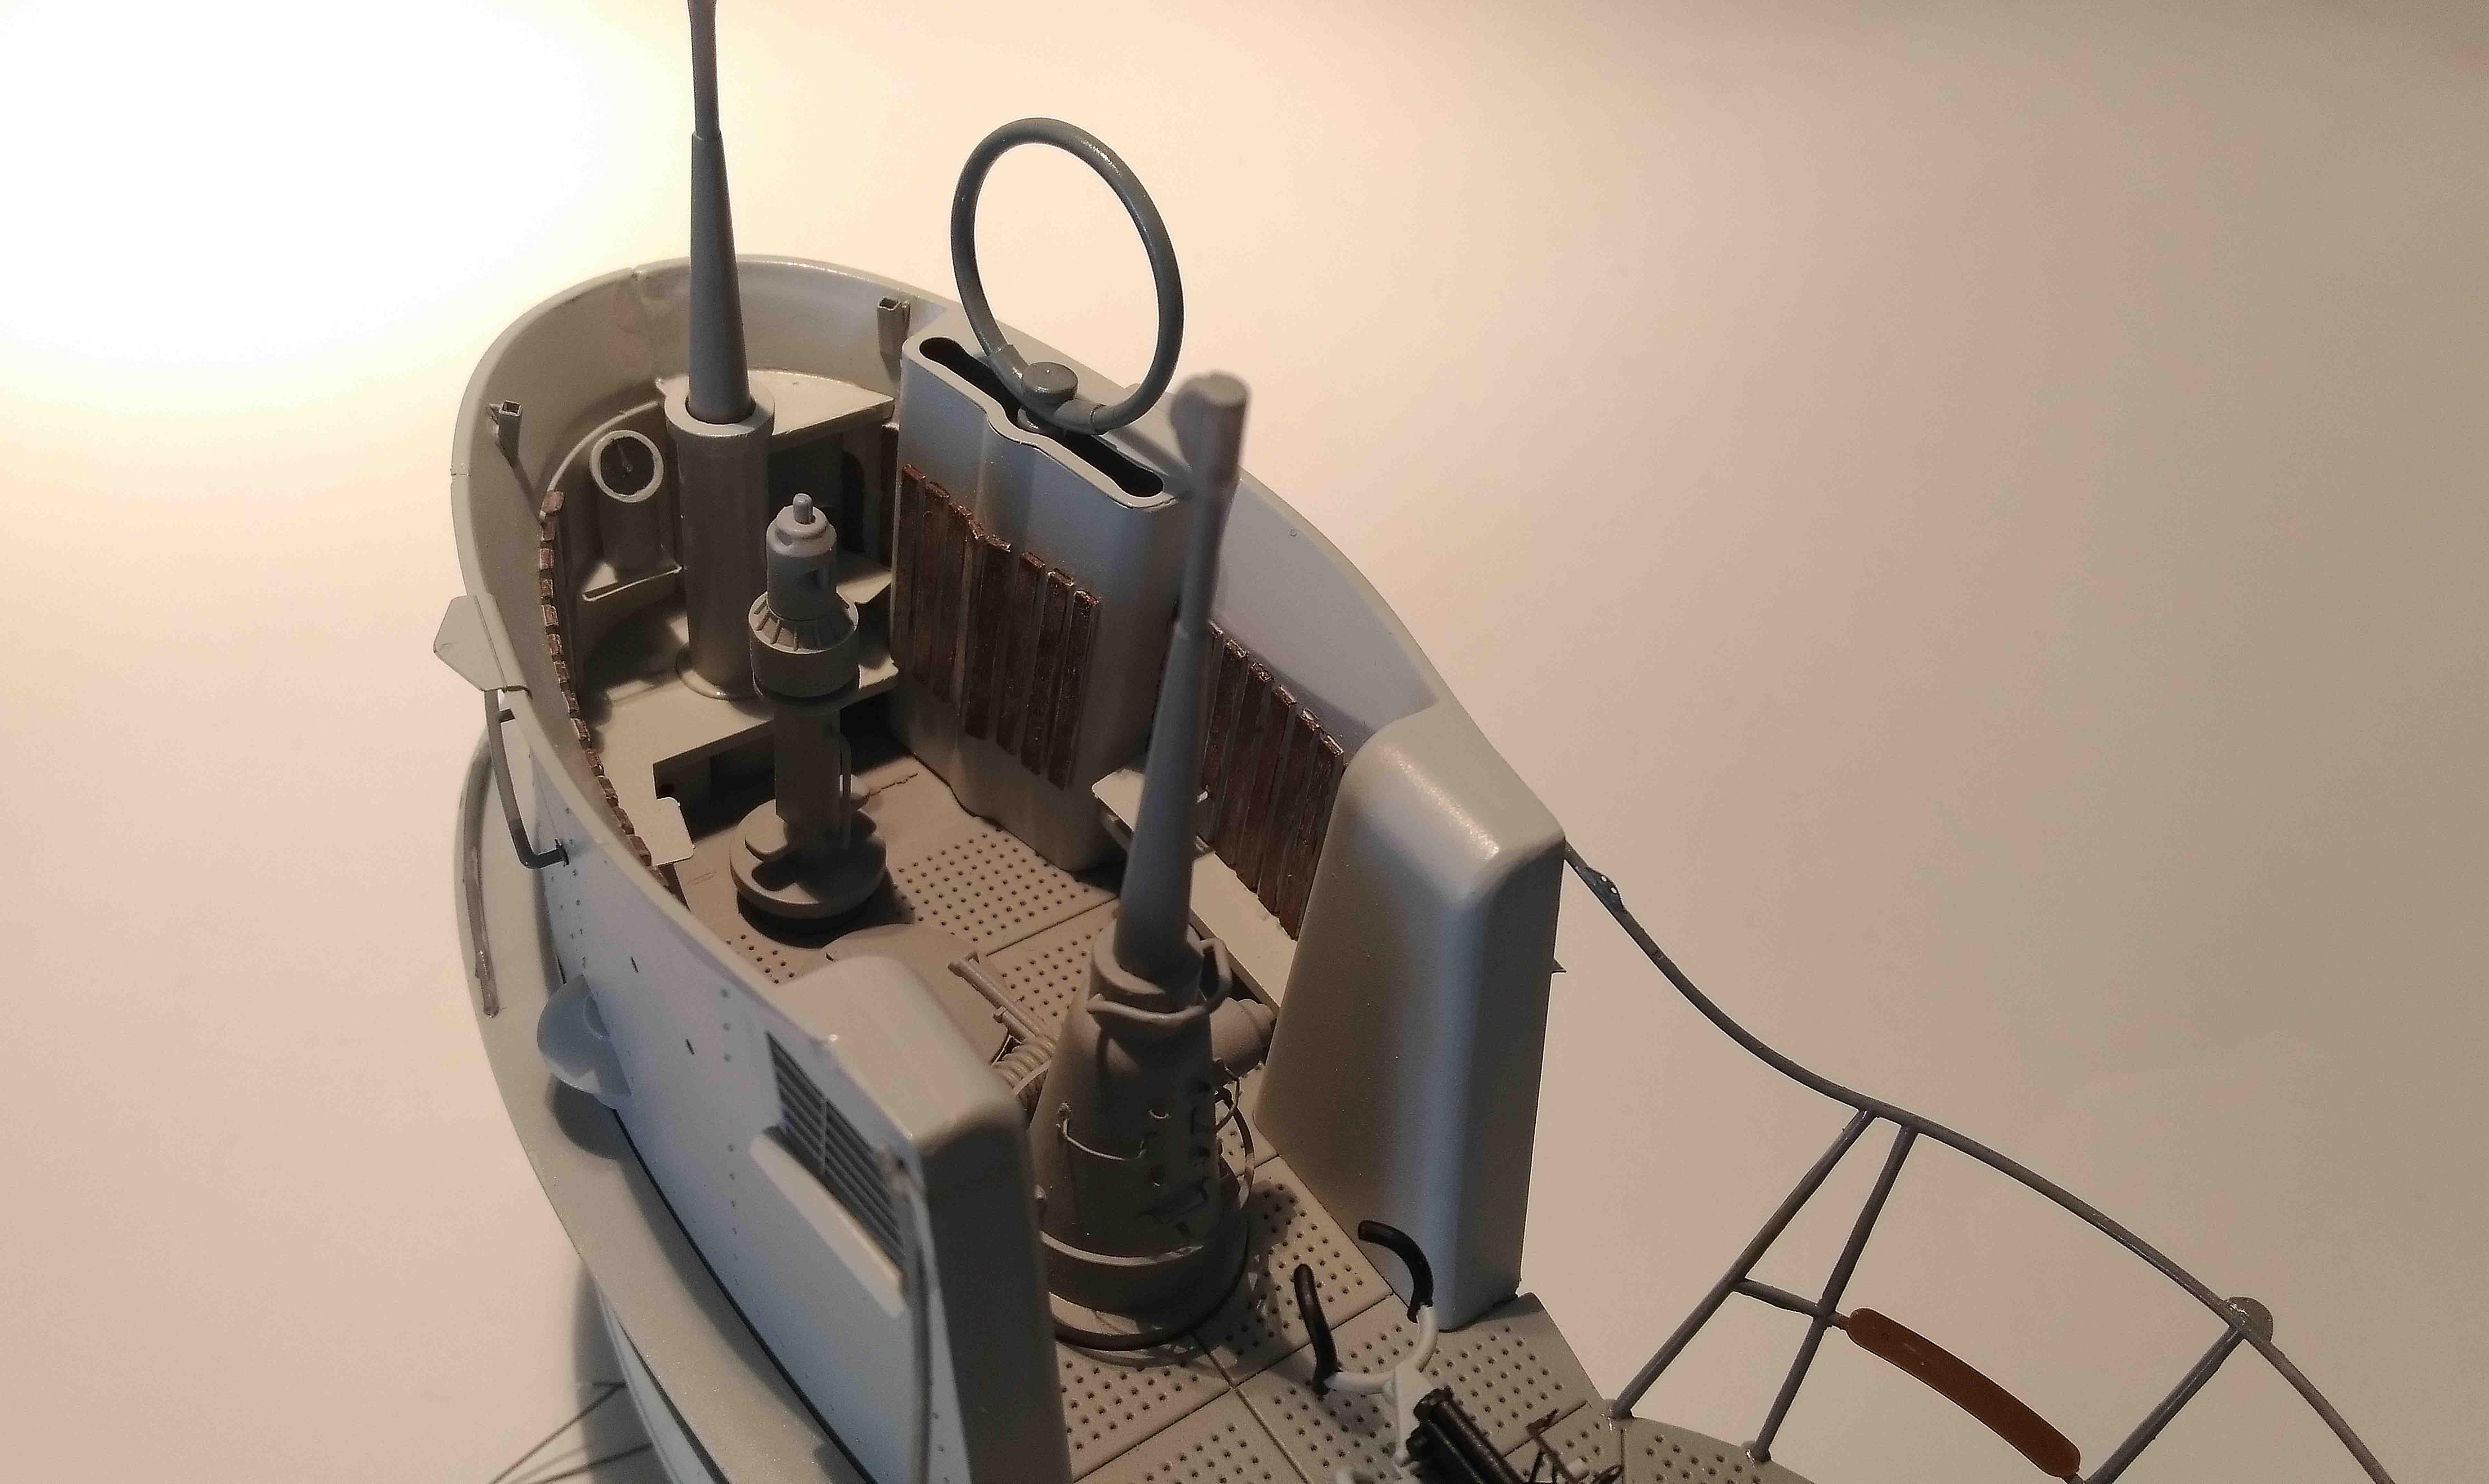 U-552 TRUMPETER Echelle 1/48 - Page 19 18052301111823648415726317